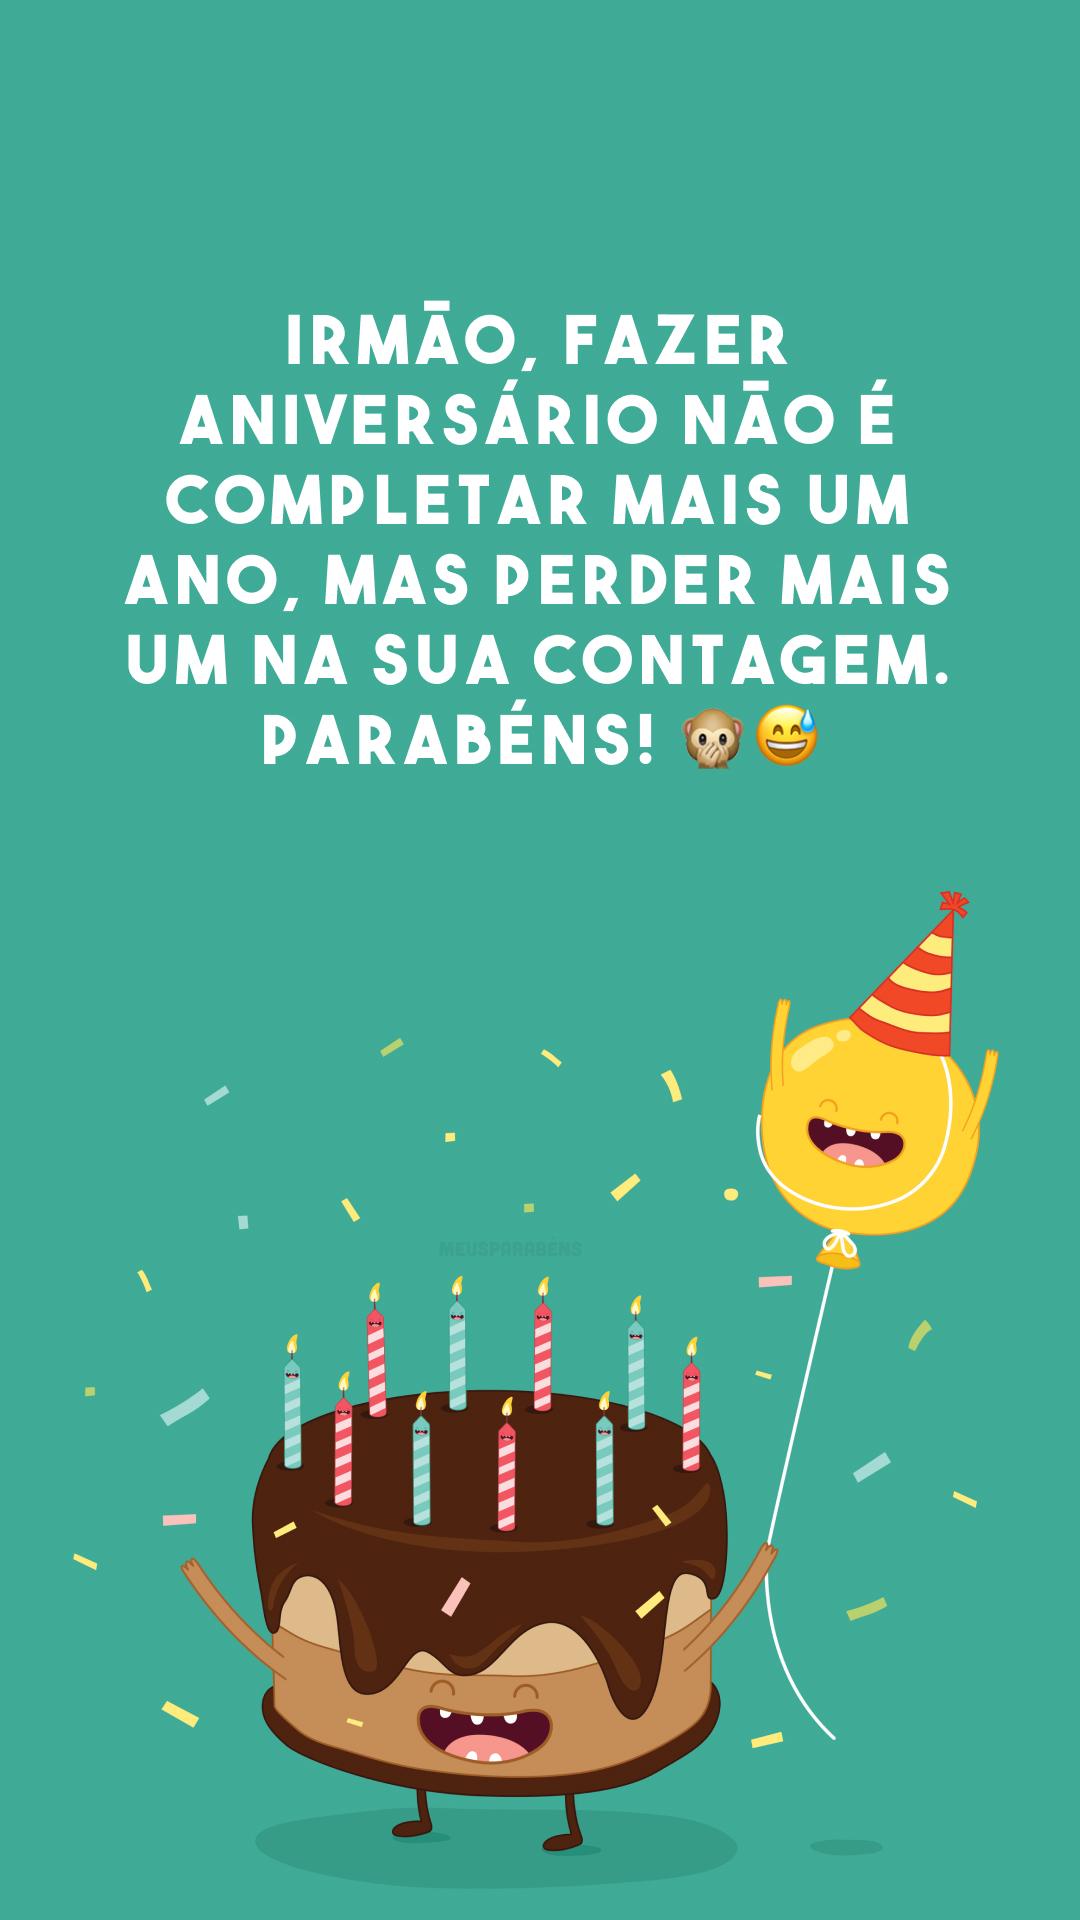 Irmão, fazer aniversário não é completar mais um ano, mas perder mais um na sua contagem. Parabéns! 🙊😅